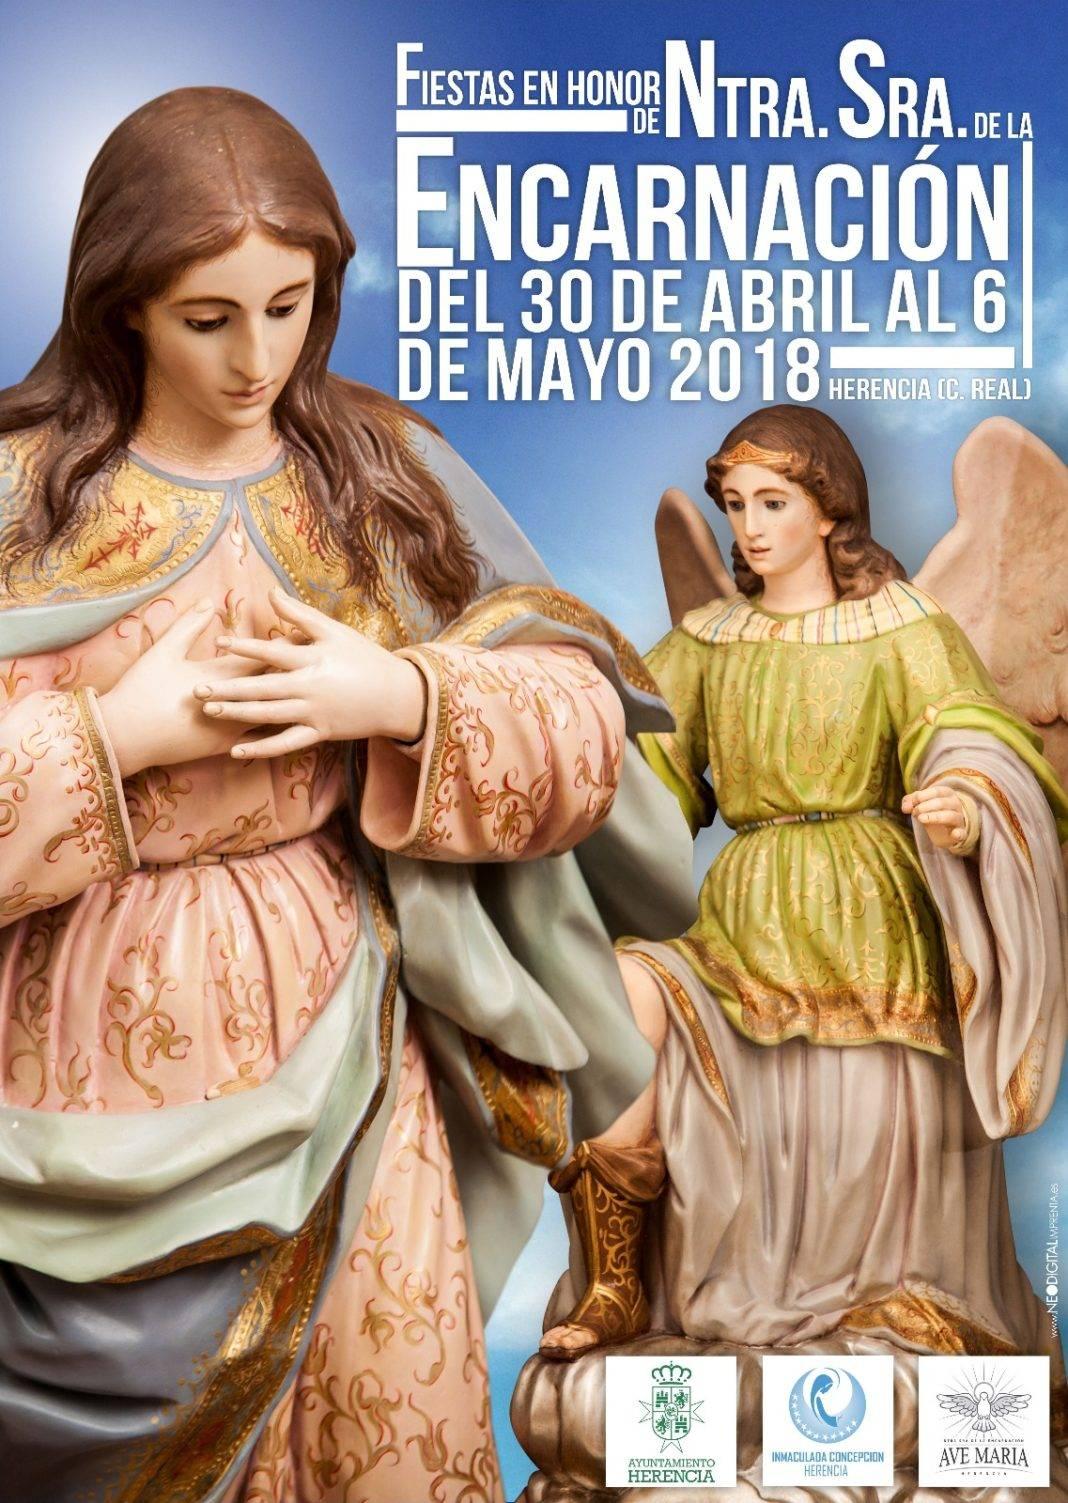 Fiestas en honor a Nuestra Señora de la Encarnación en Herencia 7